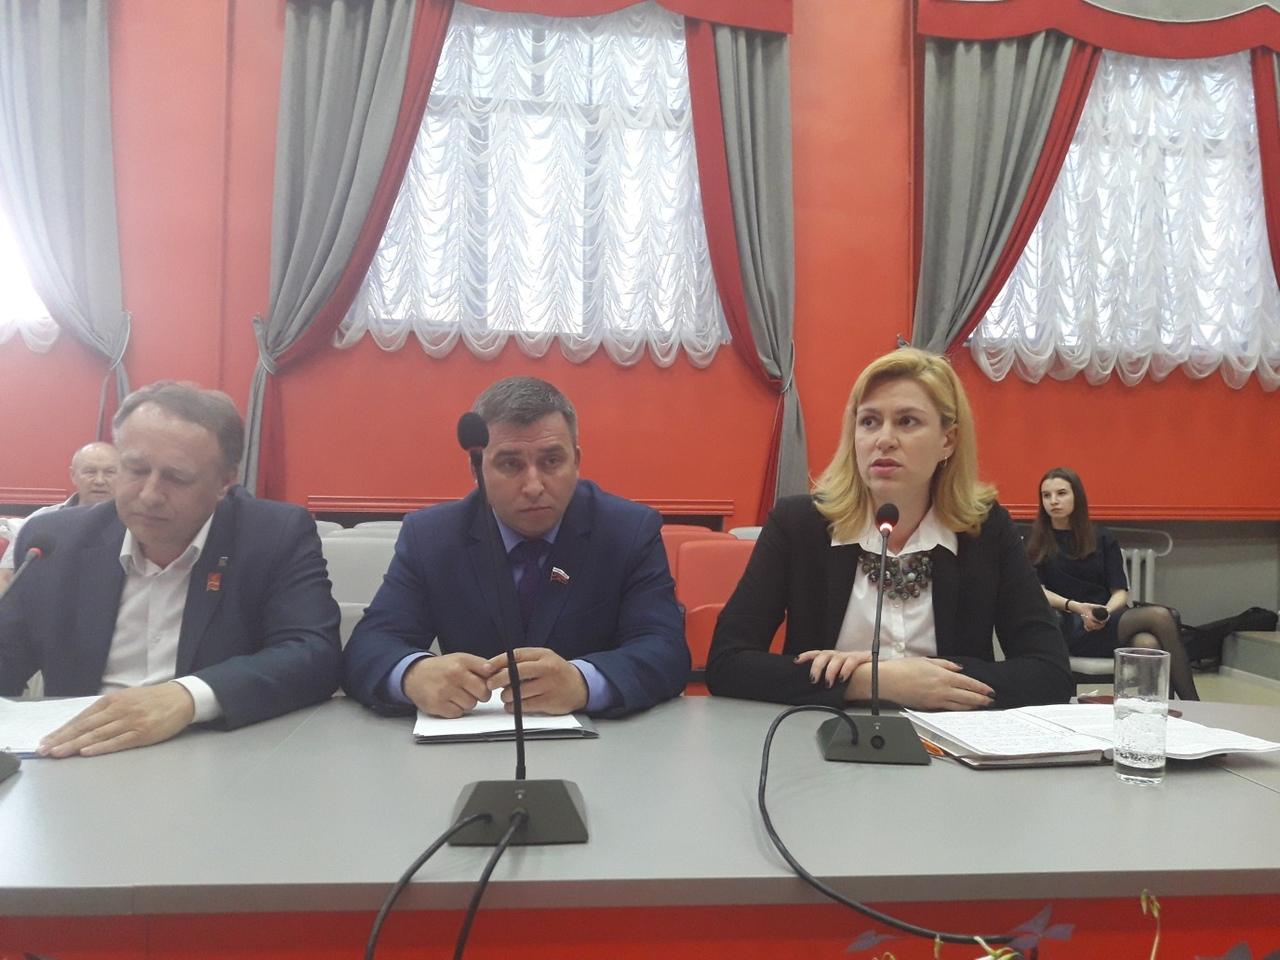 Следственный комитет возбудил уголовное дело в отношении исполняющей обязанности директора муници